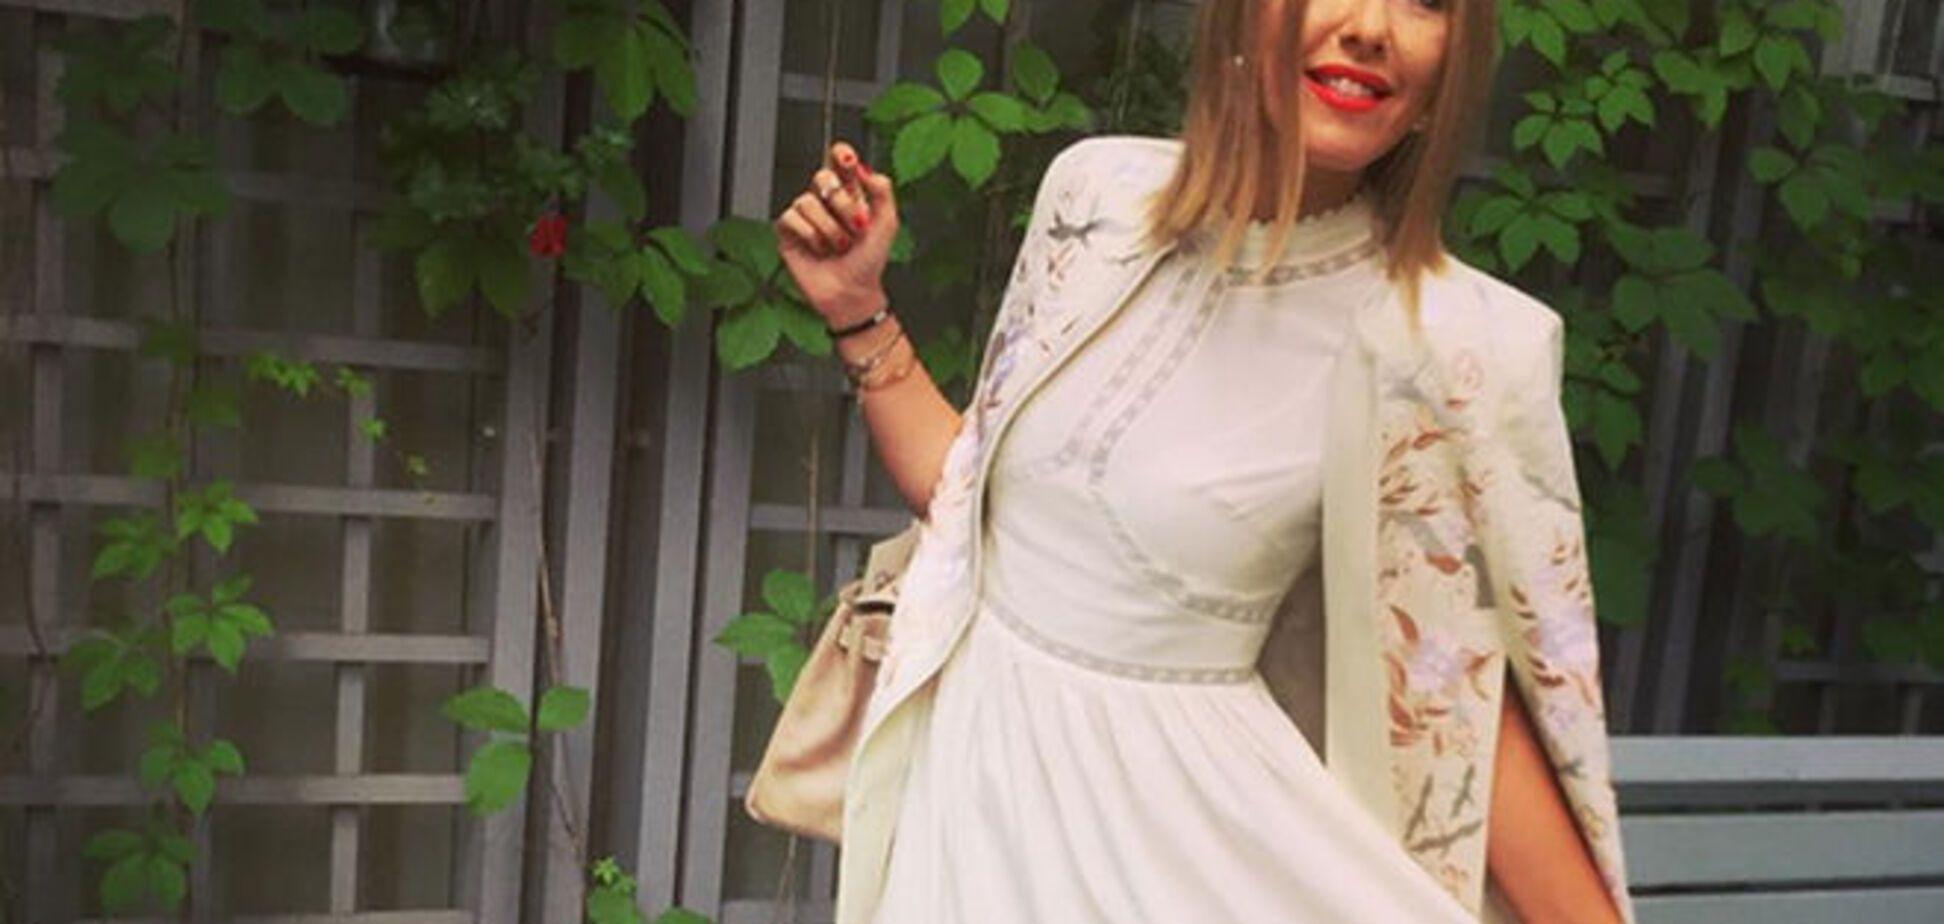 Собчак поразила элегантностью в белом стильном платье